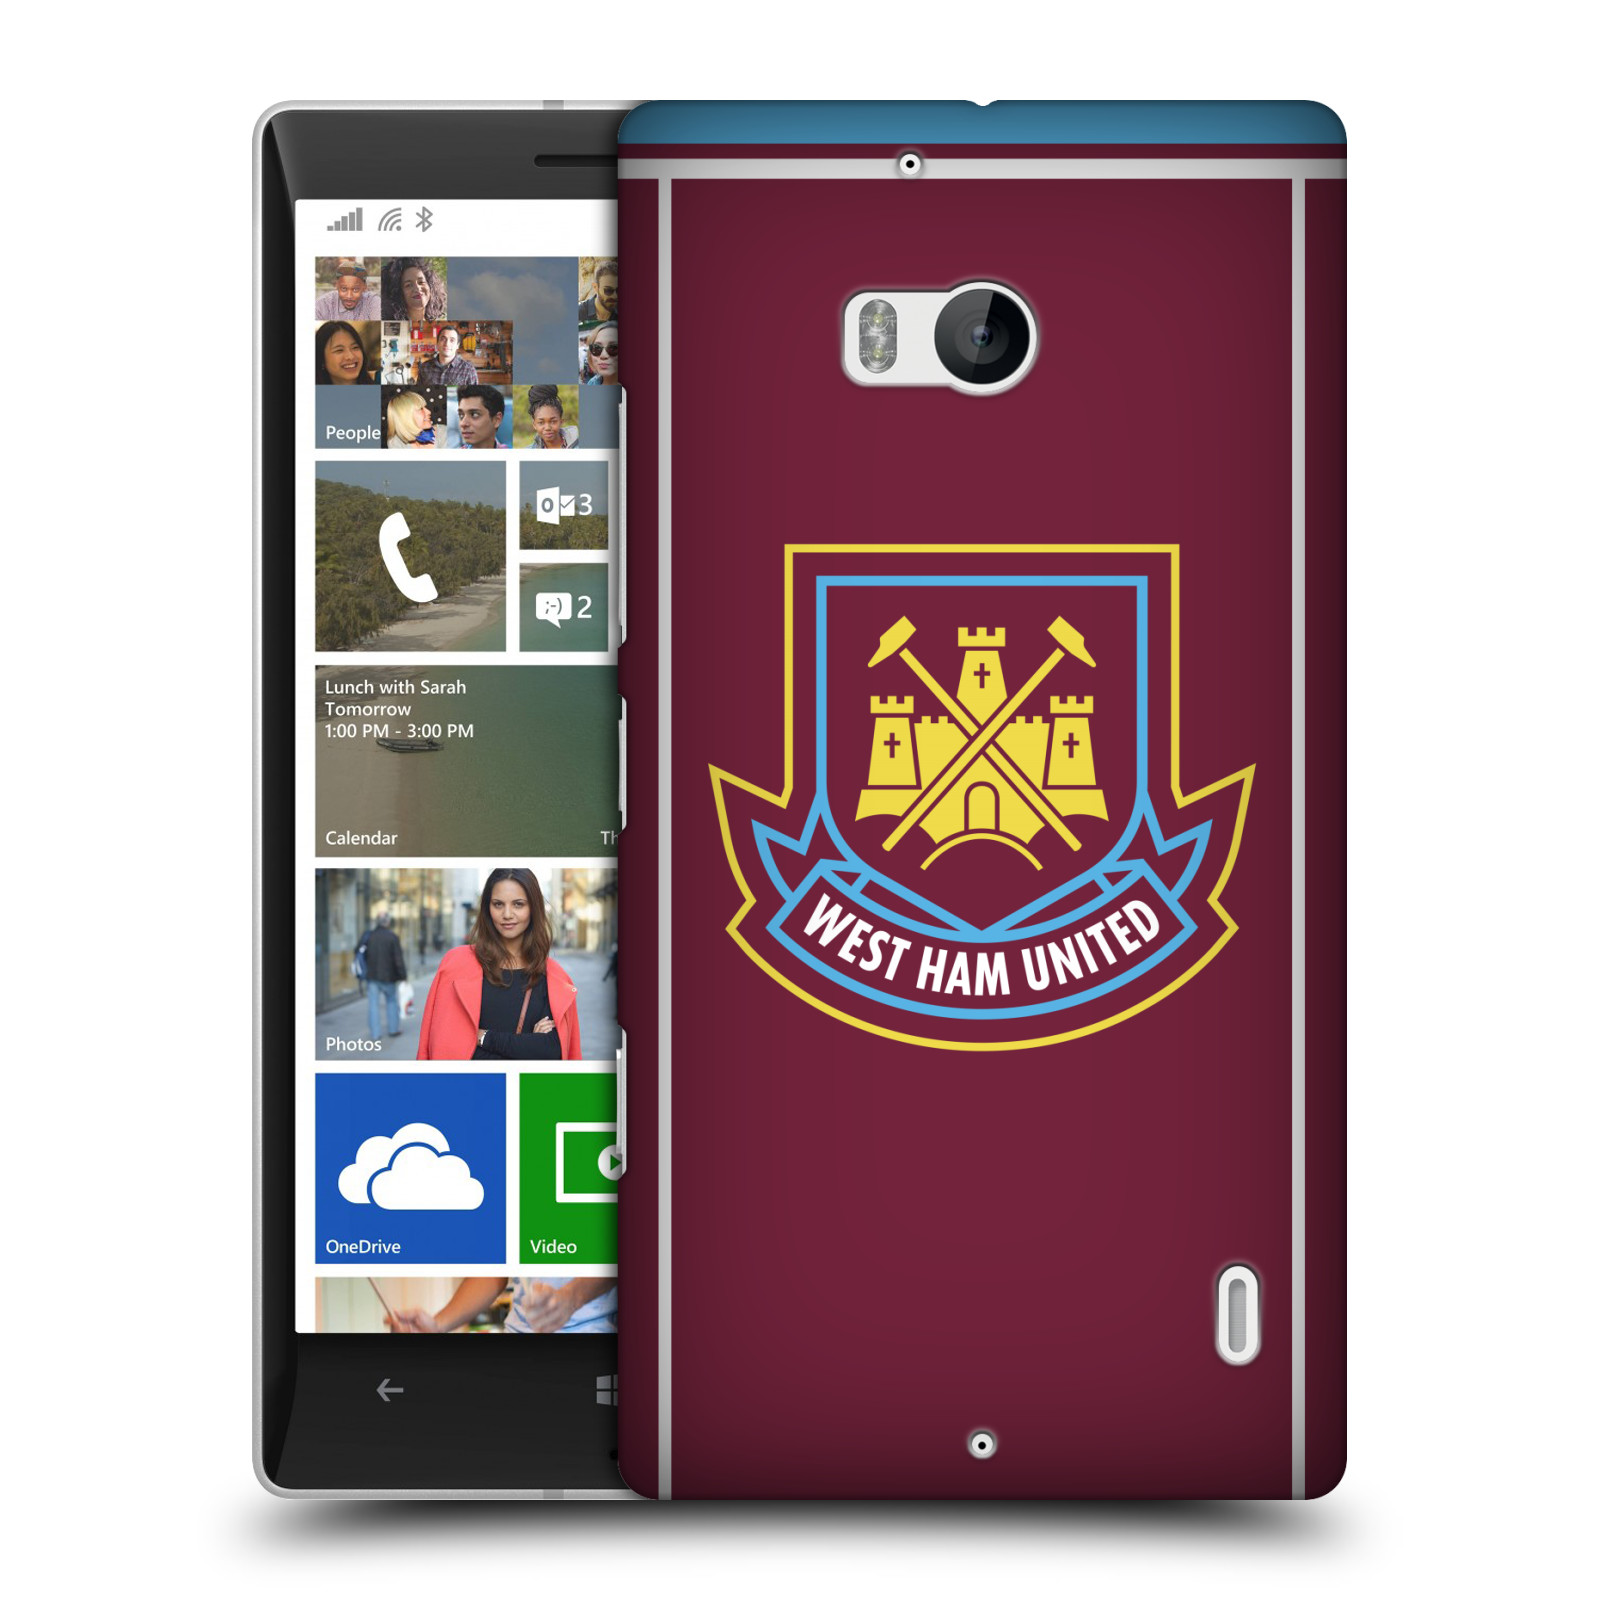 Plastové pouzdro na mobil Nokia Lumia 930 - Head Case - West Ham United - Retro znak (Plastový kryt či obal na mobilní telefon s motivem West Ham United - Kladiváři - Retro znak pro Nokia Lumia 930)